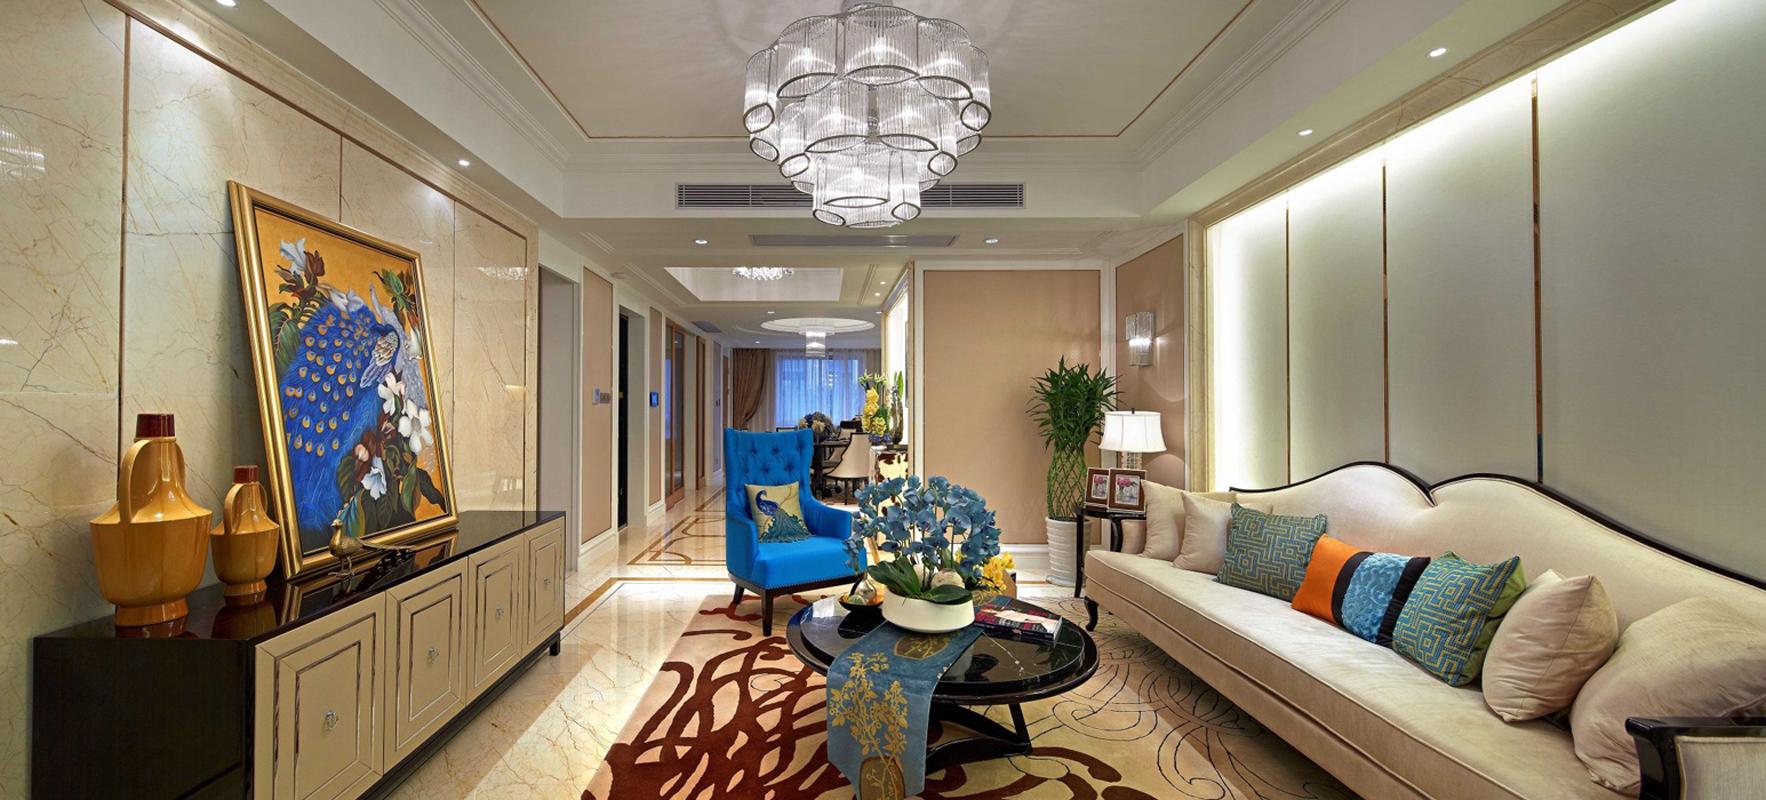 欧式 简约 三居 客厅图片来自张勇高级室内设计师在万科如园欧式设计案例效果展示的分享